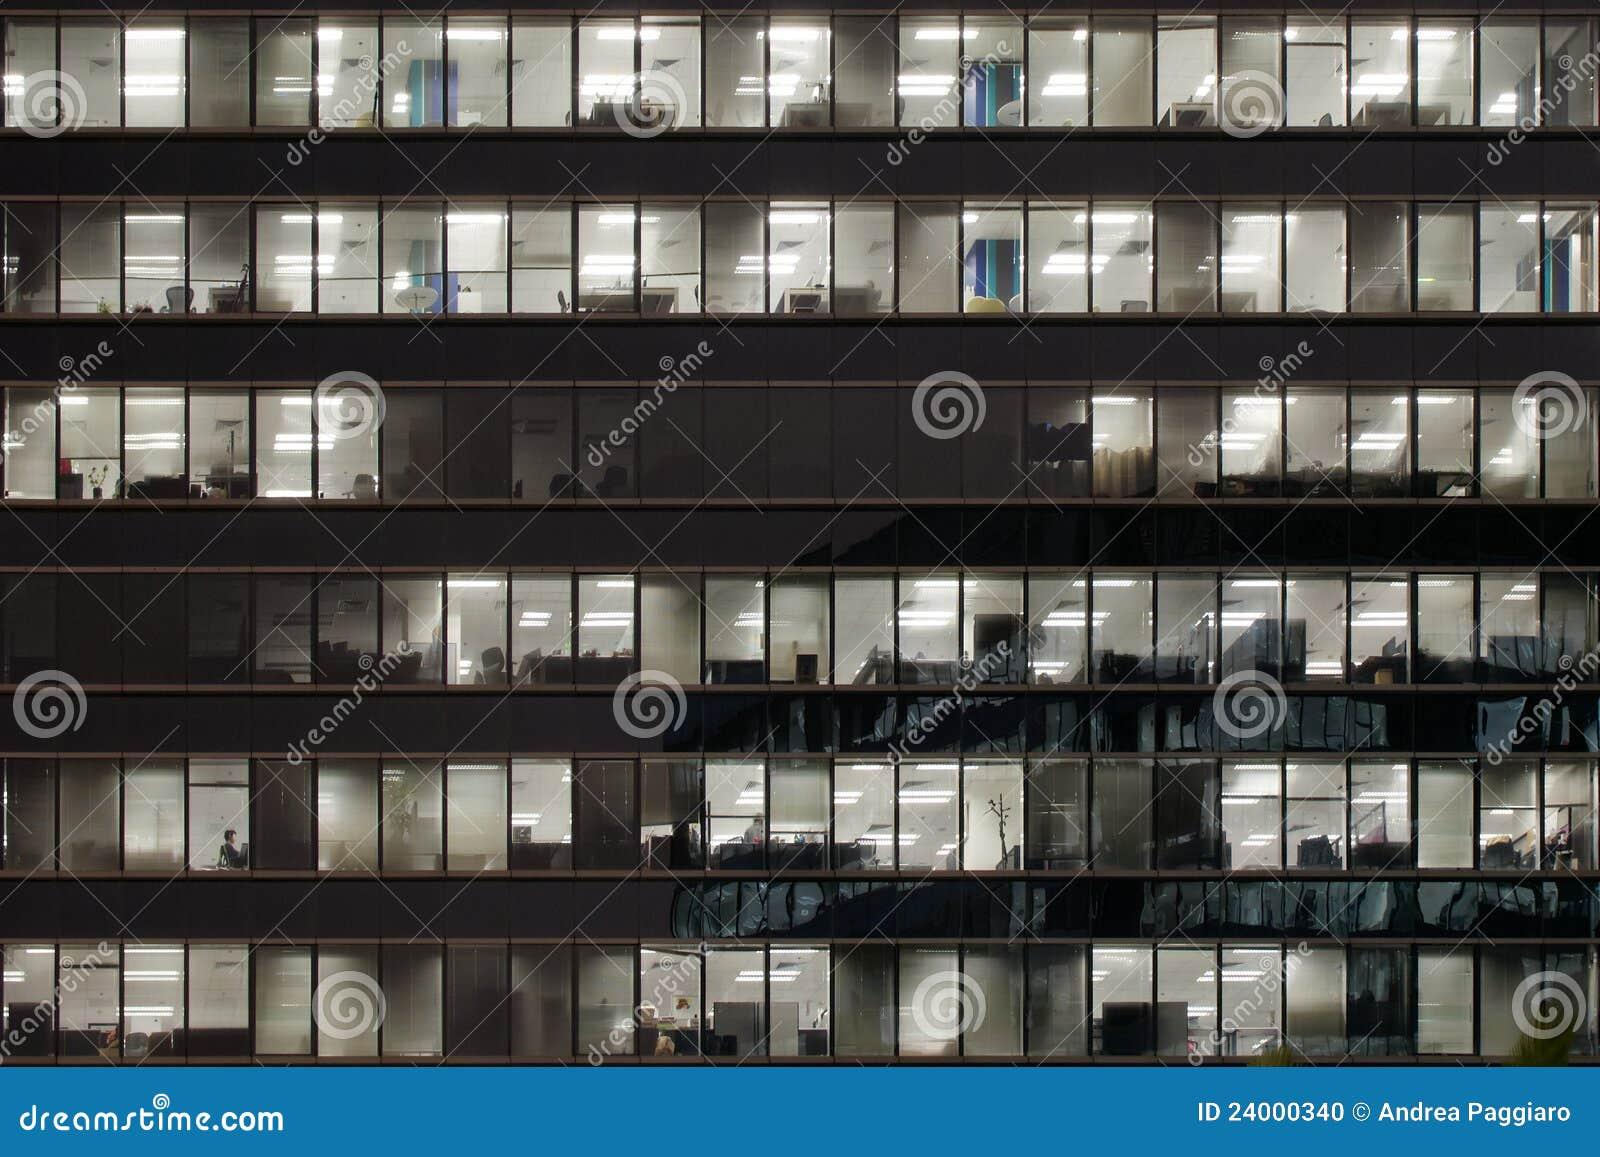 Edificio de oficinas iluminado en la noche imagen for Edificio oficinas